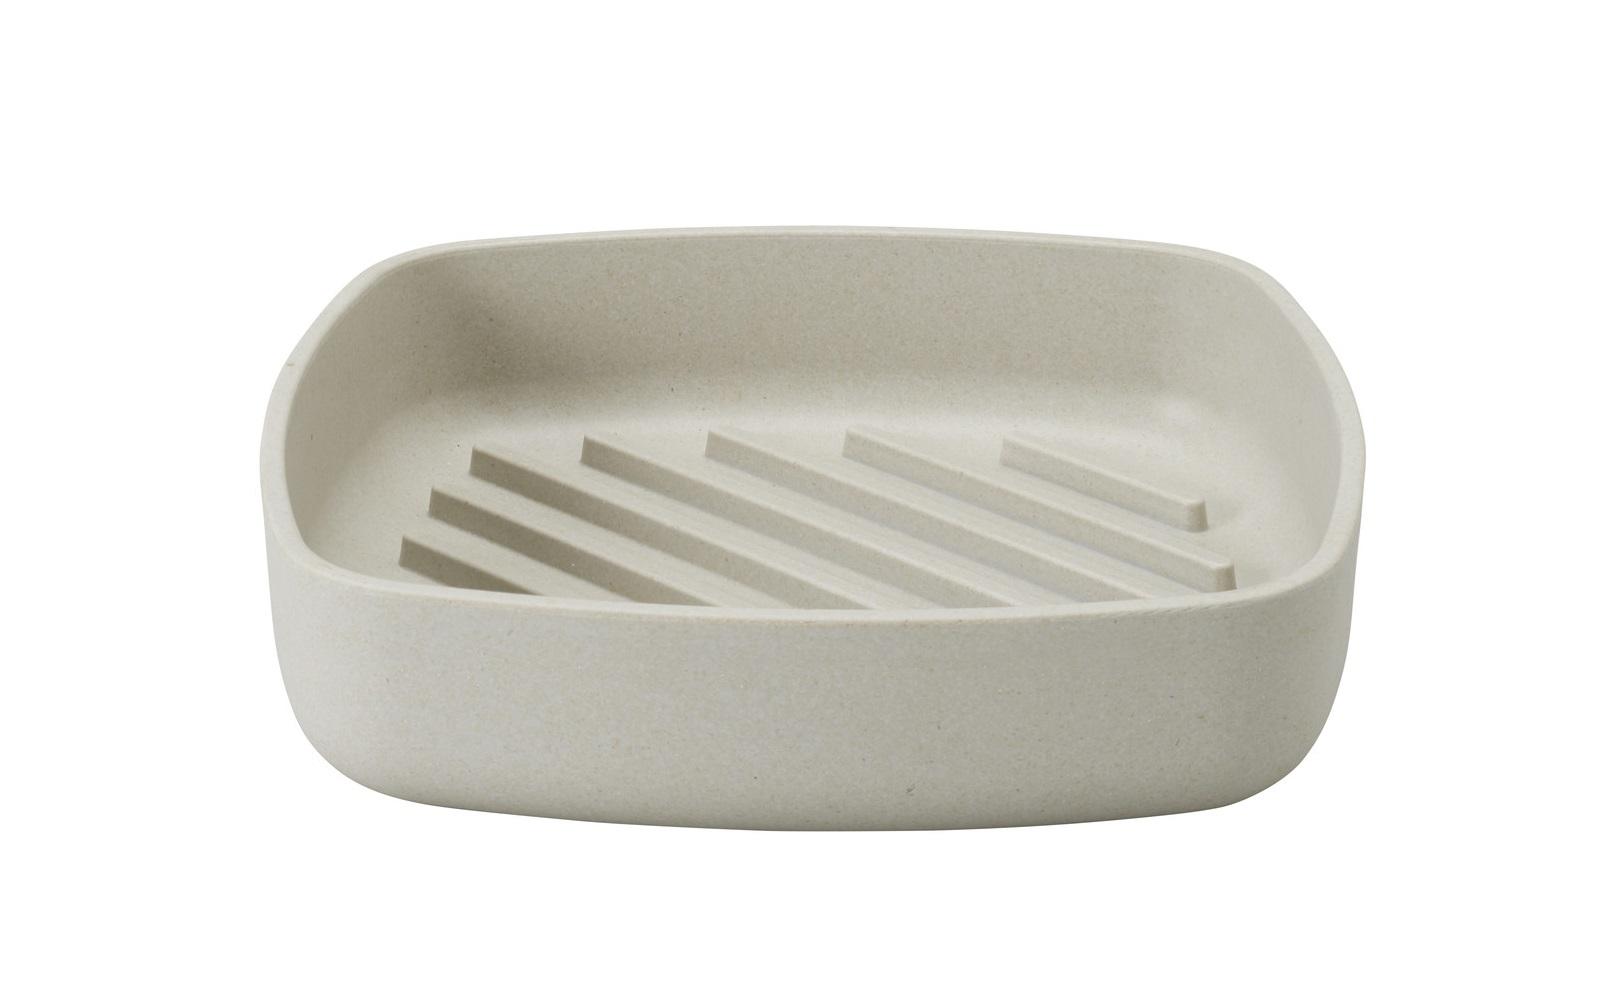 Лоток для хлеба TRAY-ITХлебница<br>&amp;lt;div&amp;gt;Лоток для хлеба TRAY-IT. Свежий ароматный хлеб требует соответствующей сервировки. Лоток для хлеба TRAY-IT делает его ещё более аппетитным, при этом хлебные крошки не рассыпаются по всему столу. Лоток продуман таким образом, что конденсат от теплого хлеба минимален, что позволяет свежему хлебу оставаться хрустящим продолжительное время.&amp;lt;/div&amp;gt;&amp;lt;div&amp;gt;&amp;lt;br&amp;gt;&amp;lt;/div&amp;gt;&amp;lt;div&amp;gt;Материал: меламин&amp;lt;/div&amp;gt;<br><br>Material: Пластик<br>Width см: 21.5<br>Depth см: 21.5<br>Height см: 5